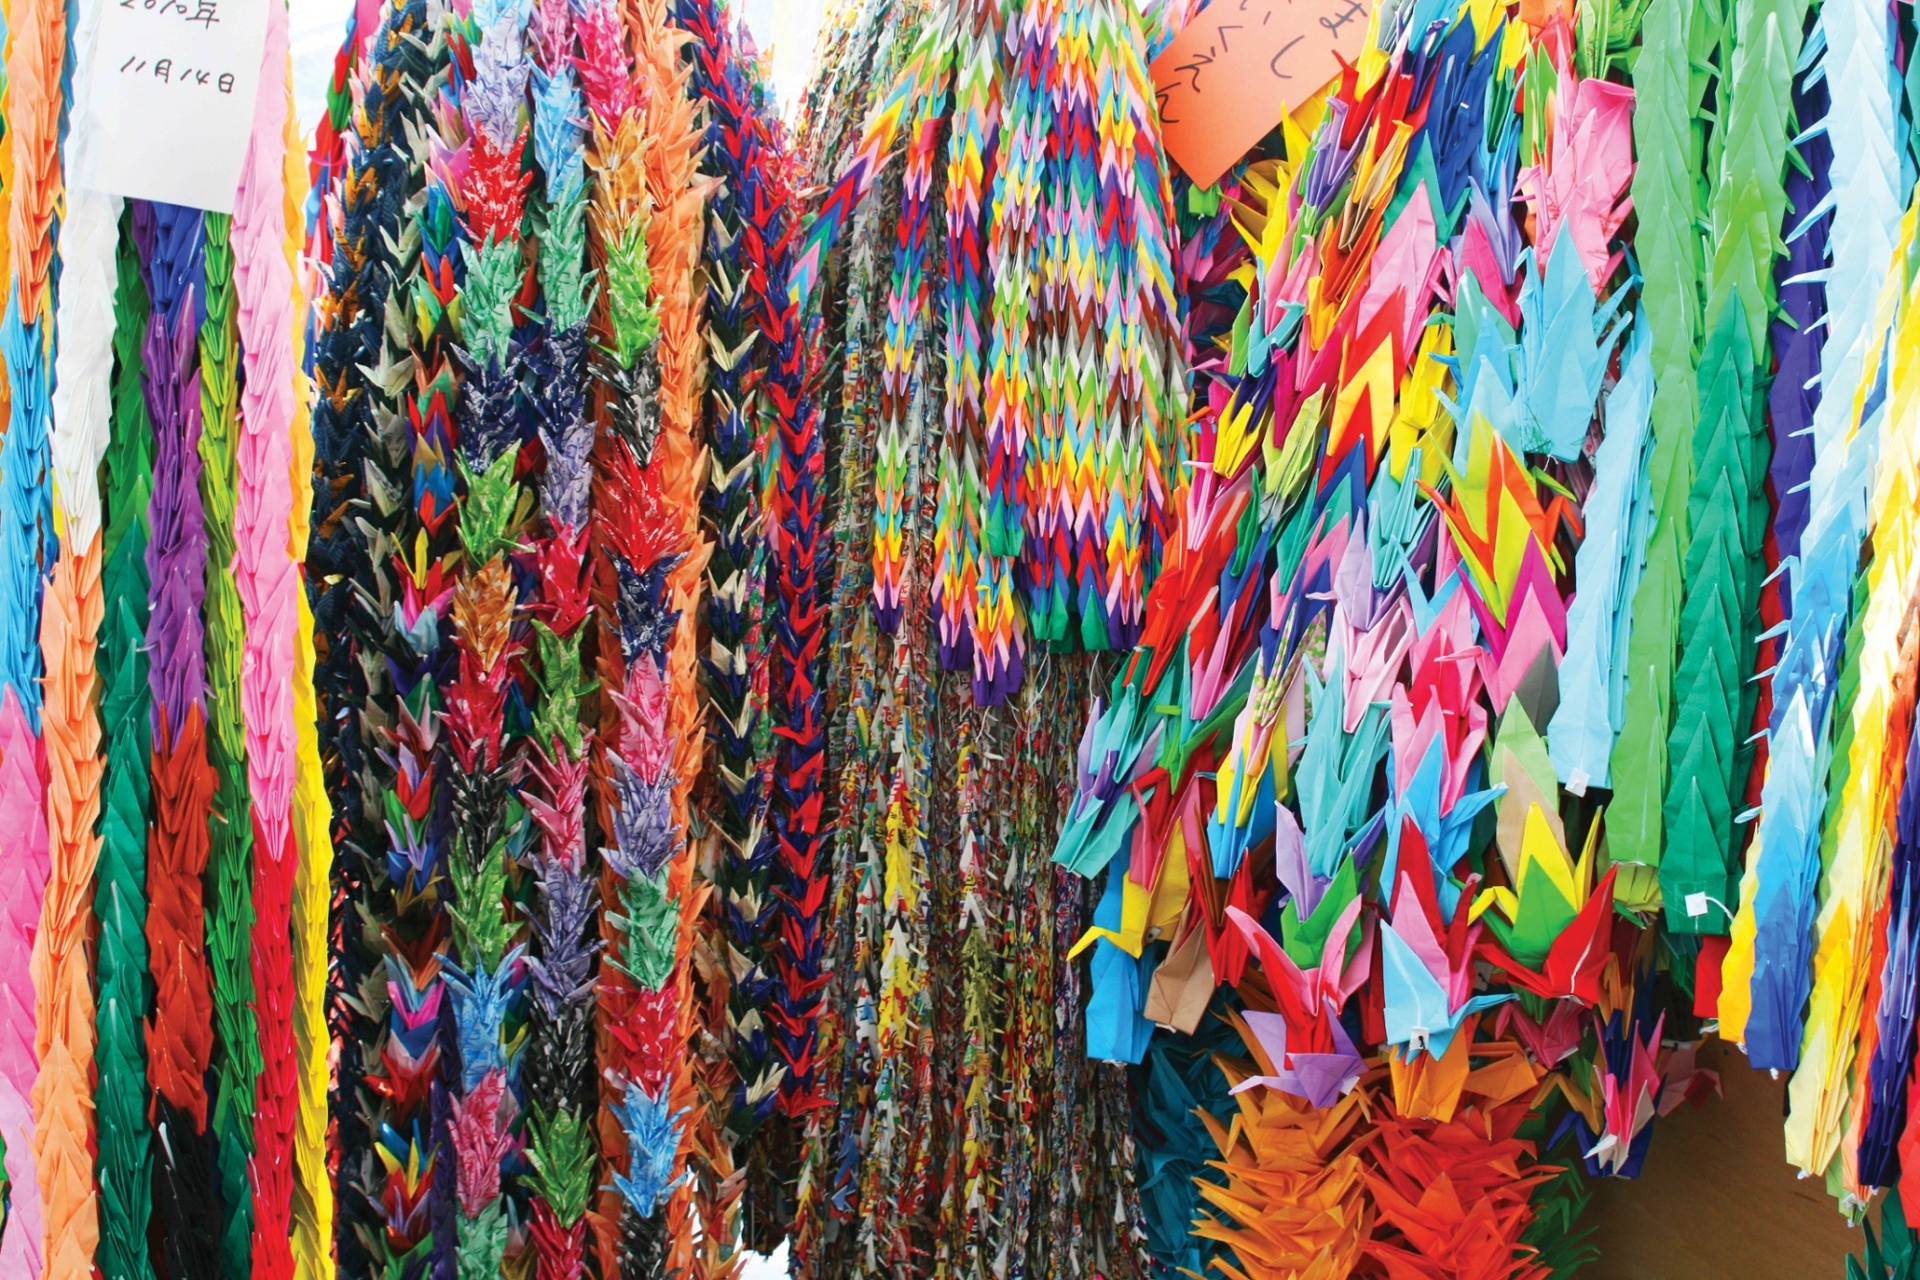 Ảnh đẹp sắc màu lễ hội trên khắp thế giới